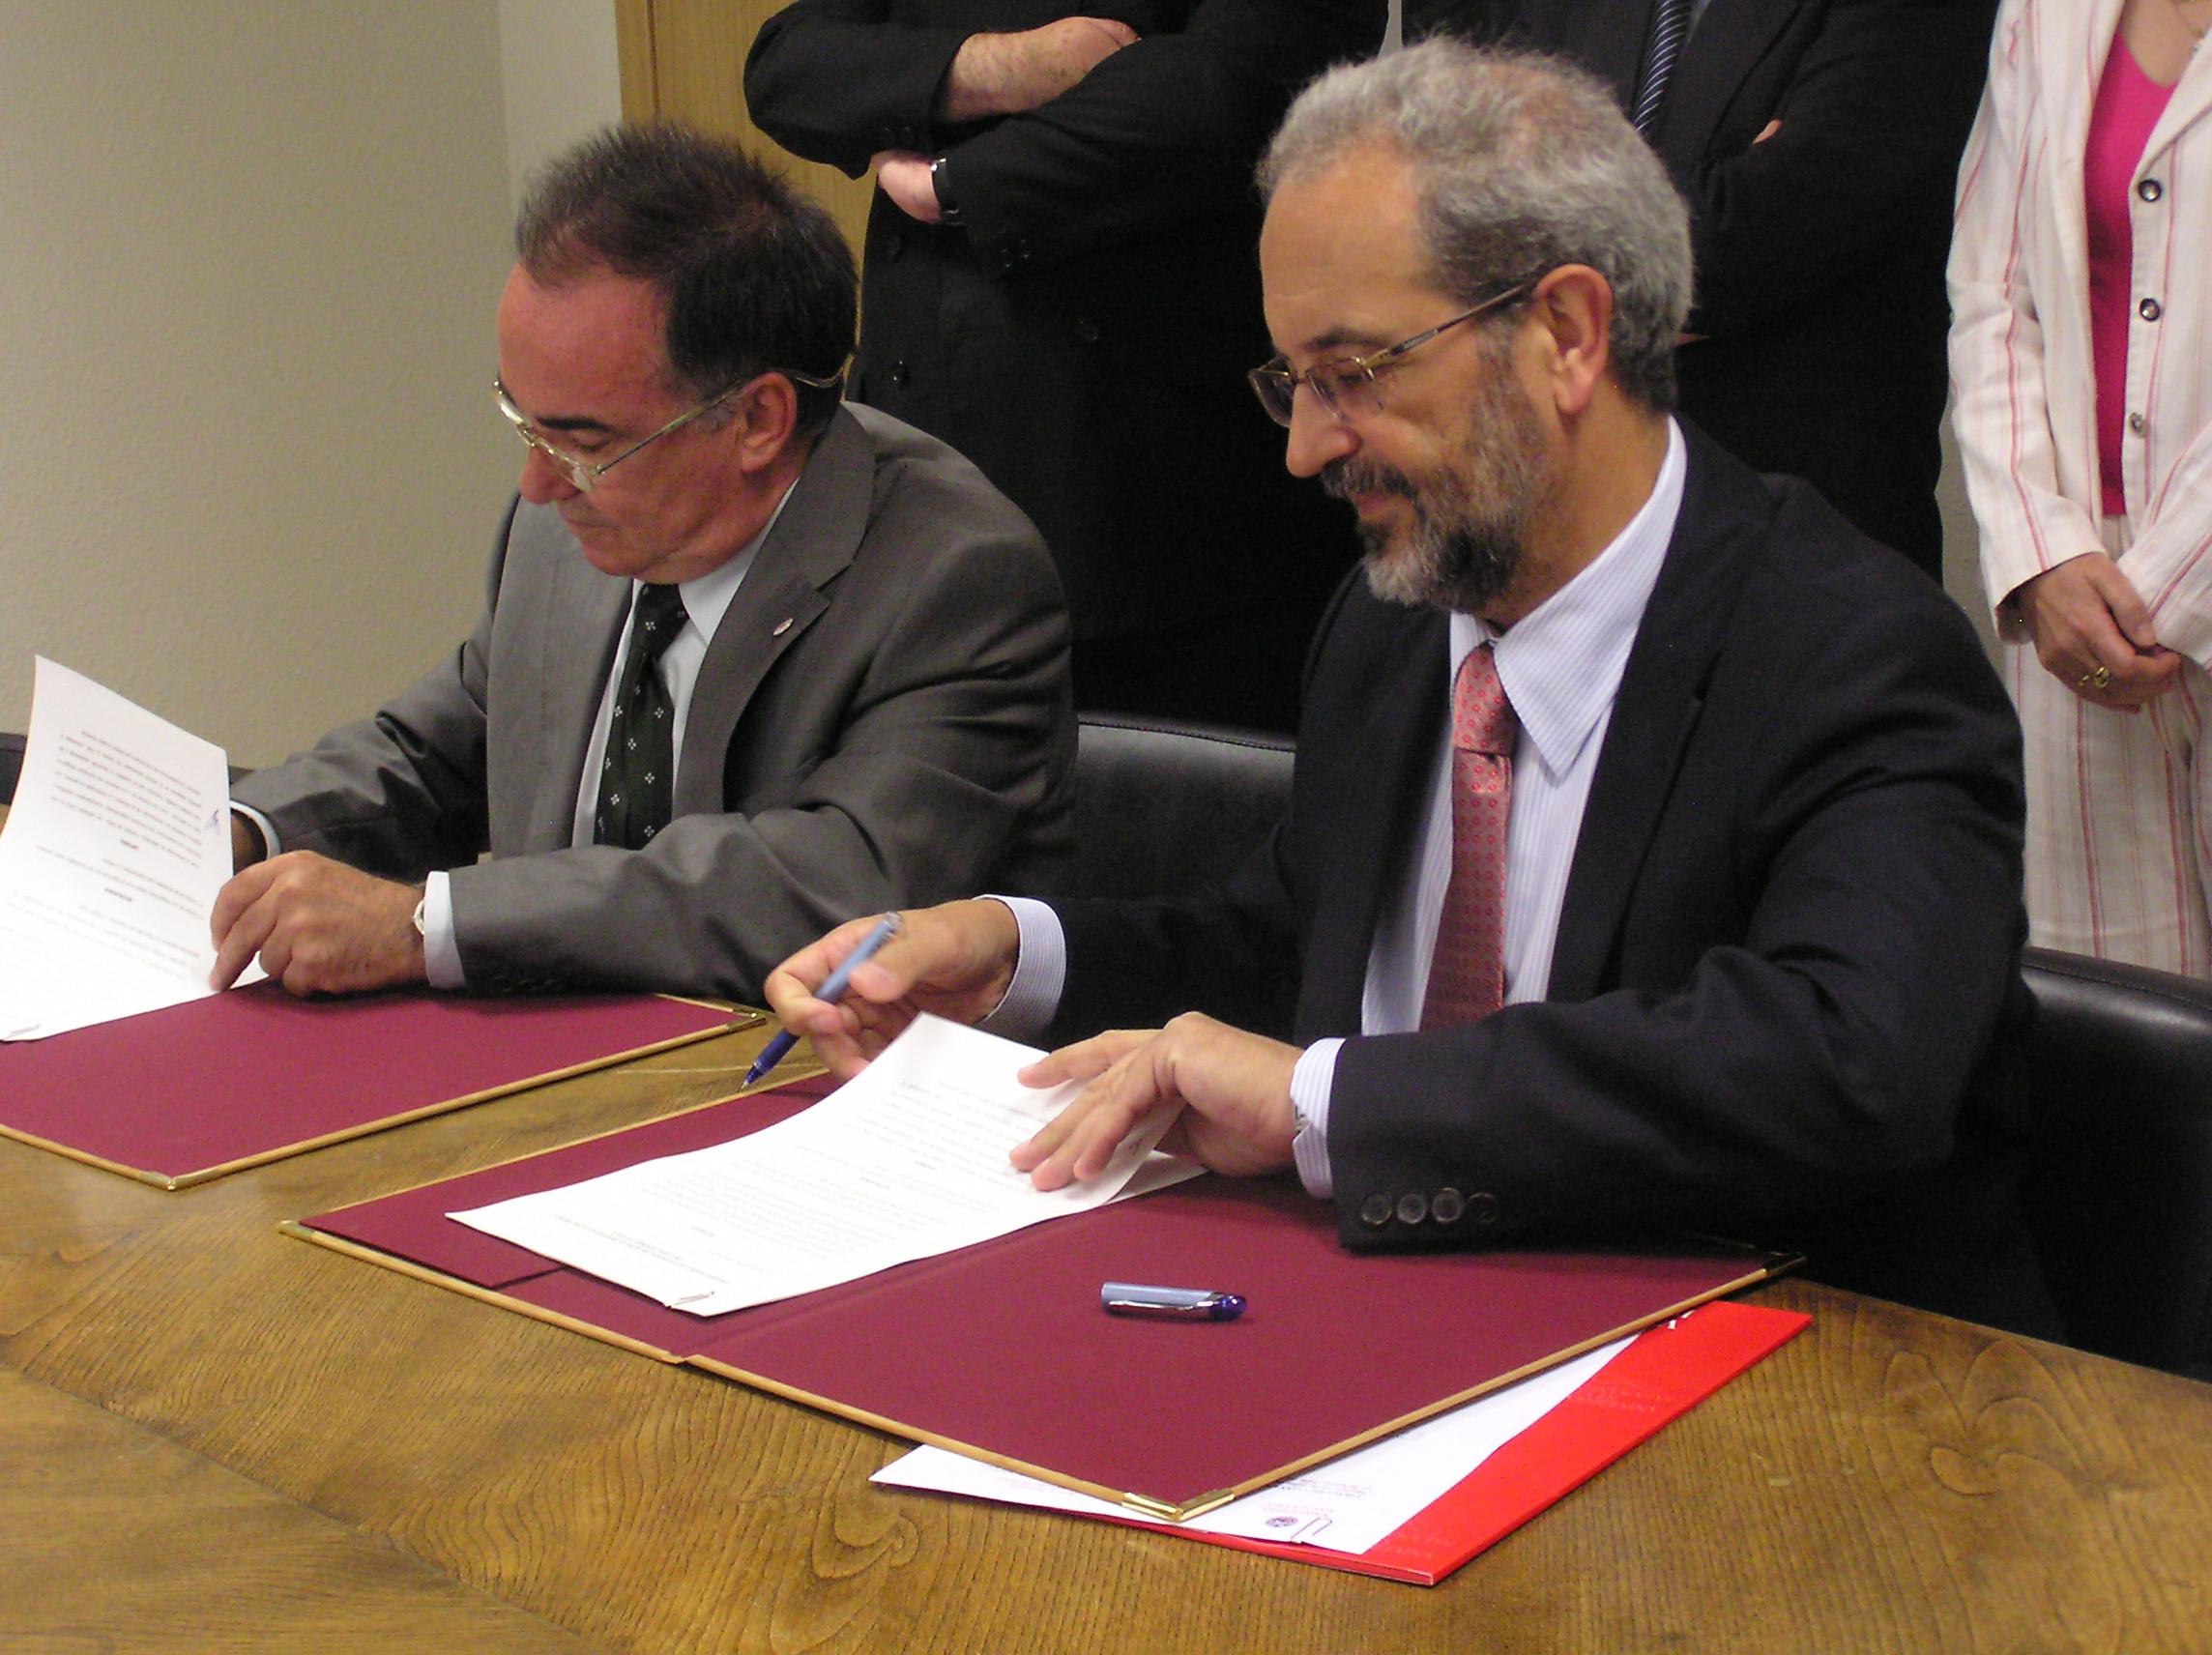 La Universidad de Salamanca suscribe un convenio con Cruz Roja Provincial de Ávila en materia de formación